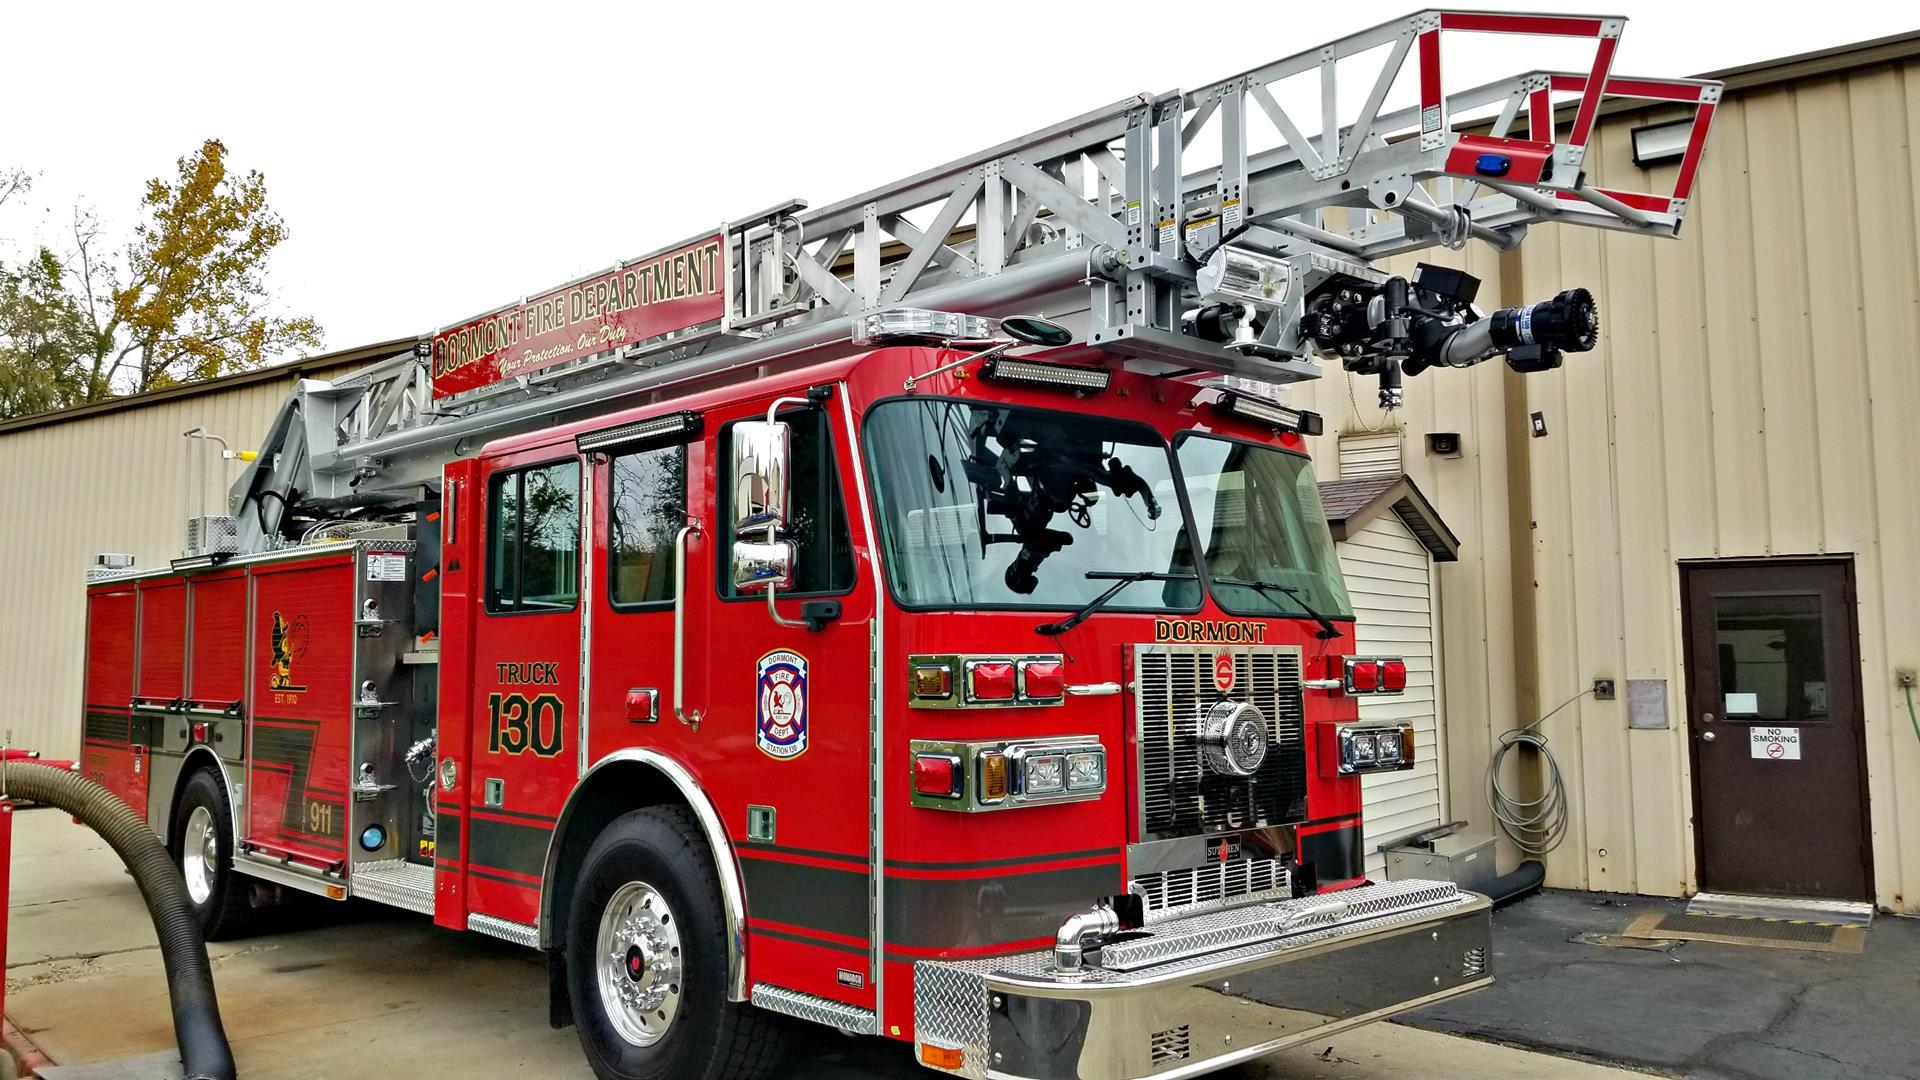 SLR 75 – Dormont Fire Department, PA